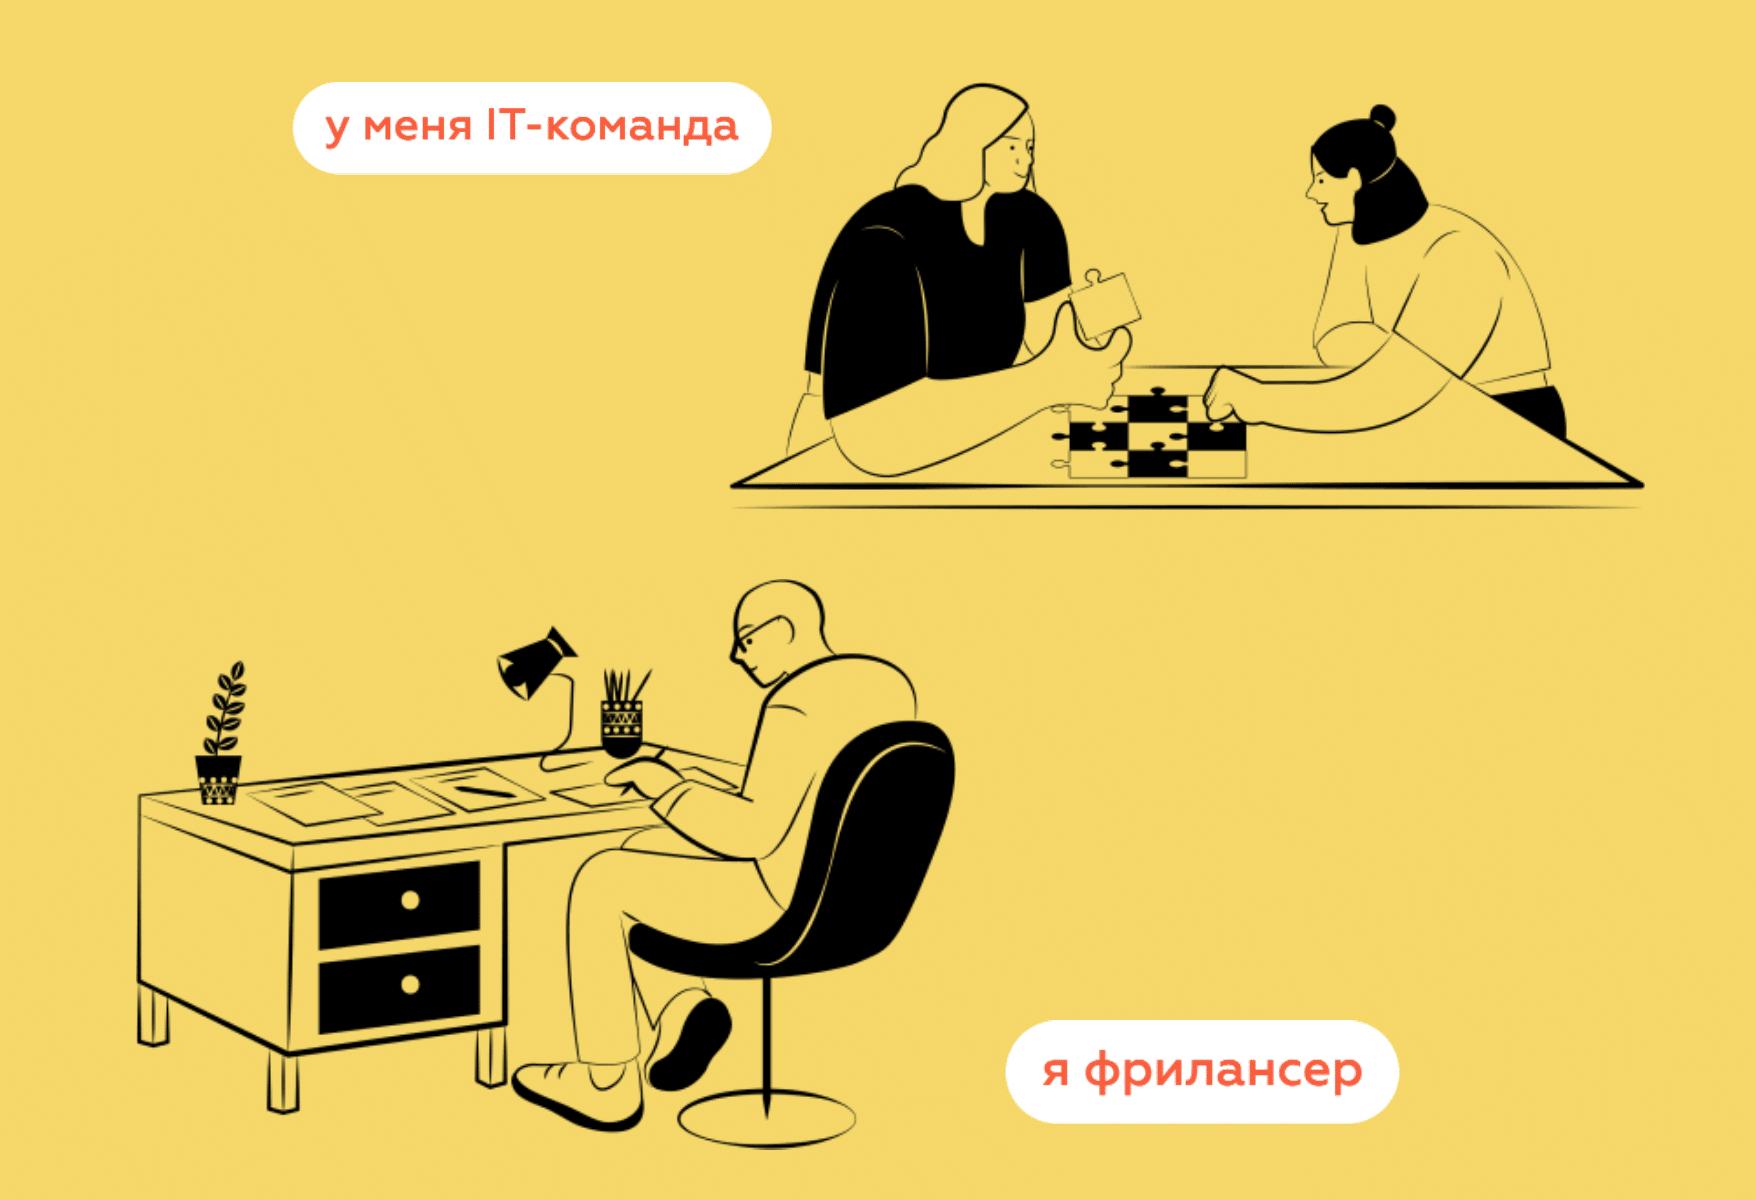 Министерство цифровой трансформации Украины: как белорусским IT-специалистам переехать в Украину